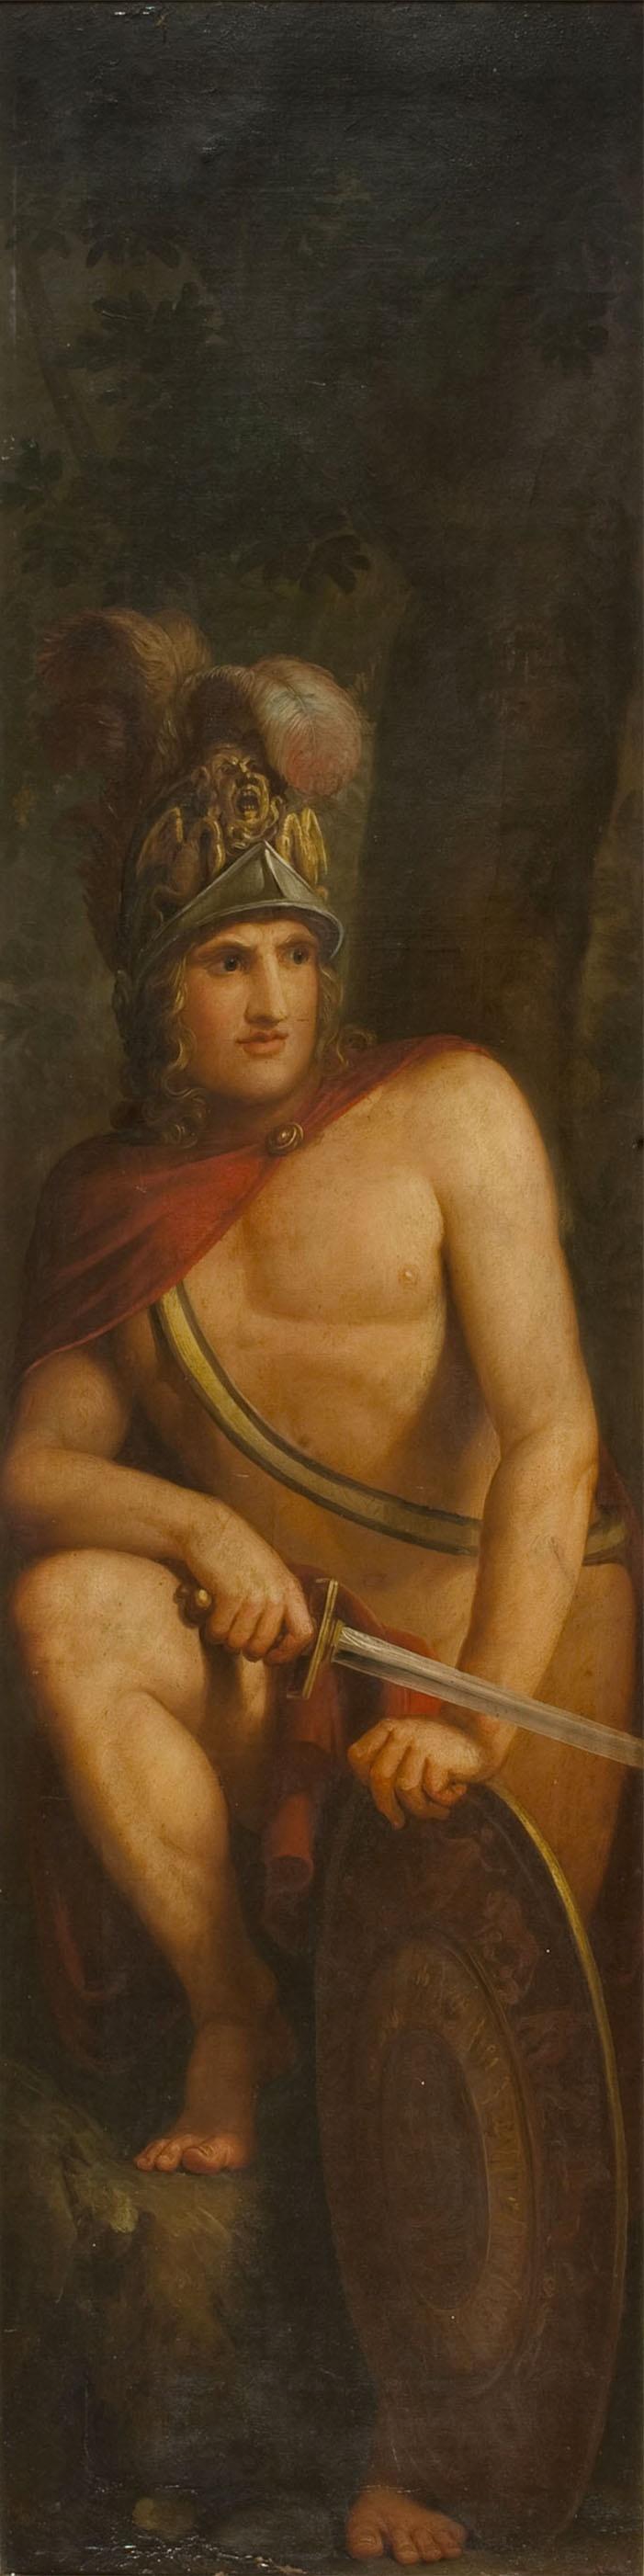 Josep Bernat Flaugier - Enees - Cap a 1800-1810